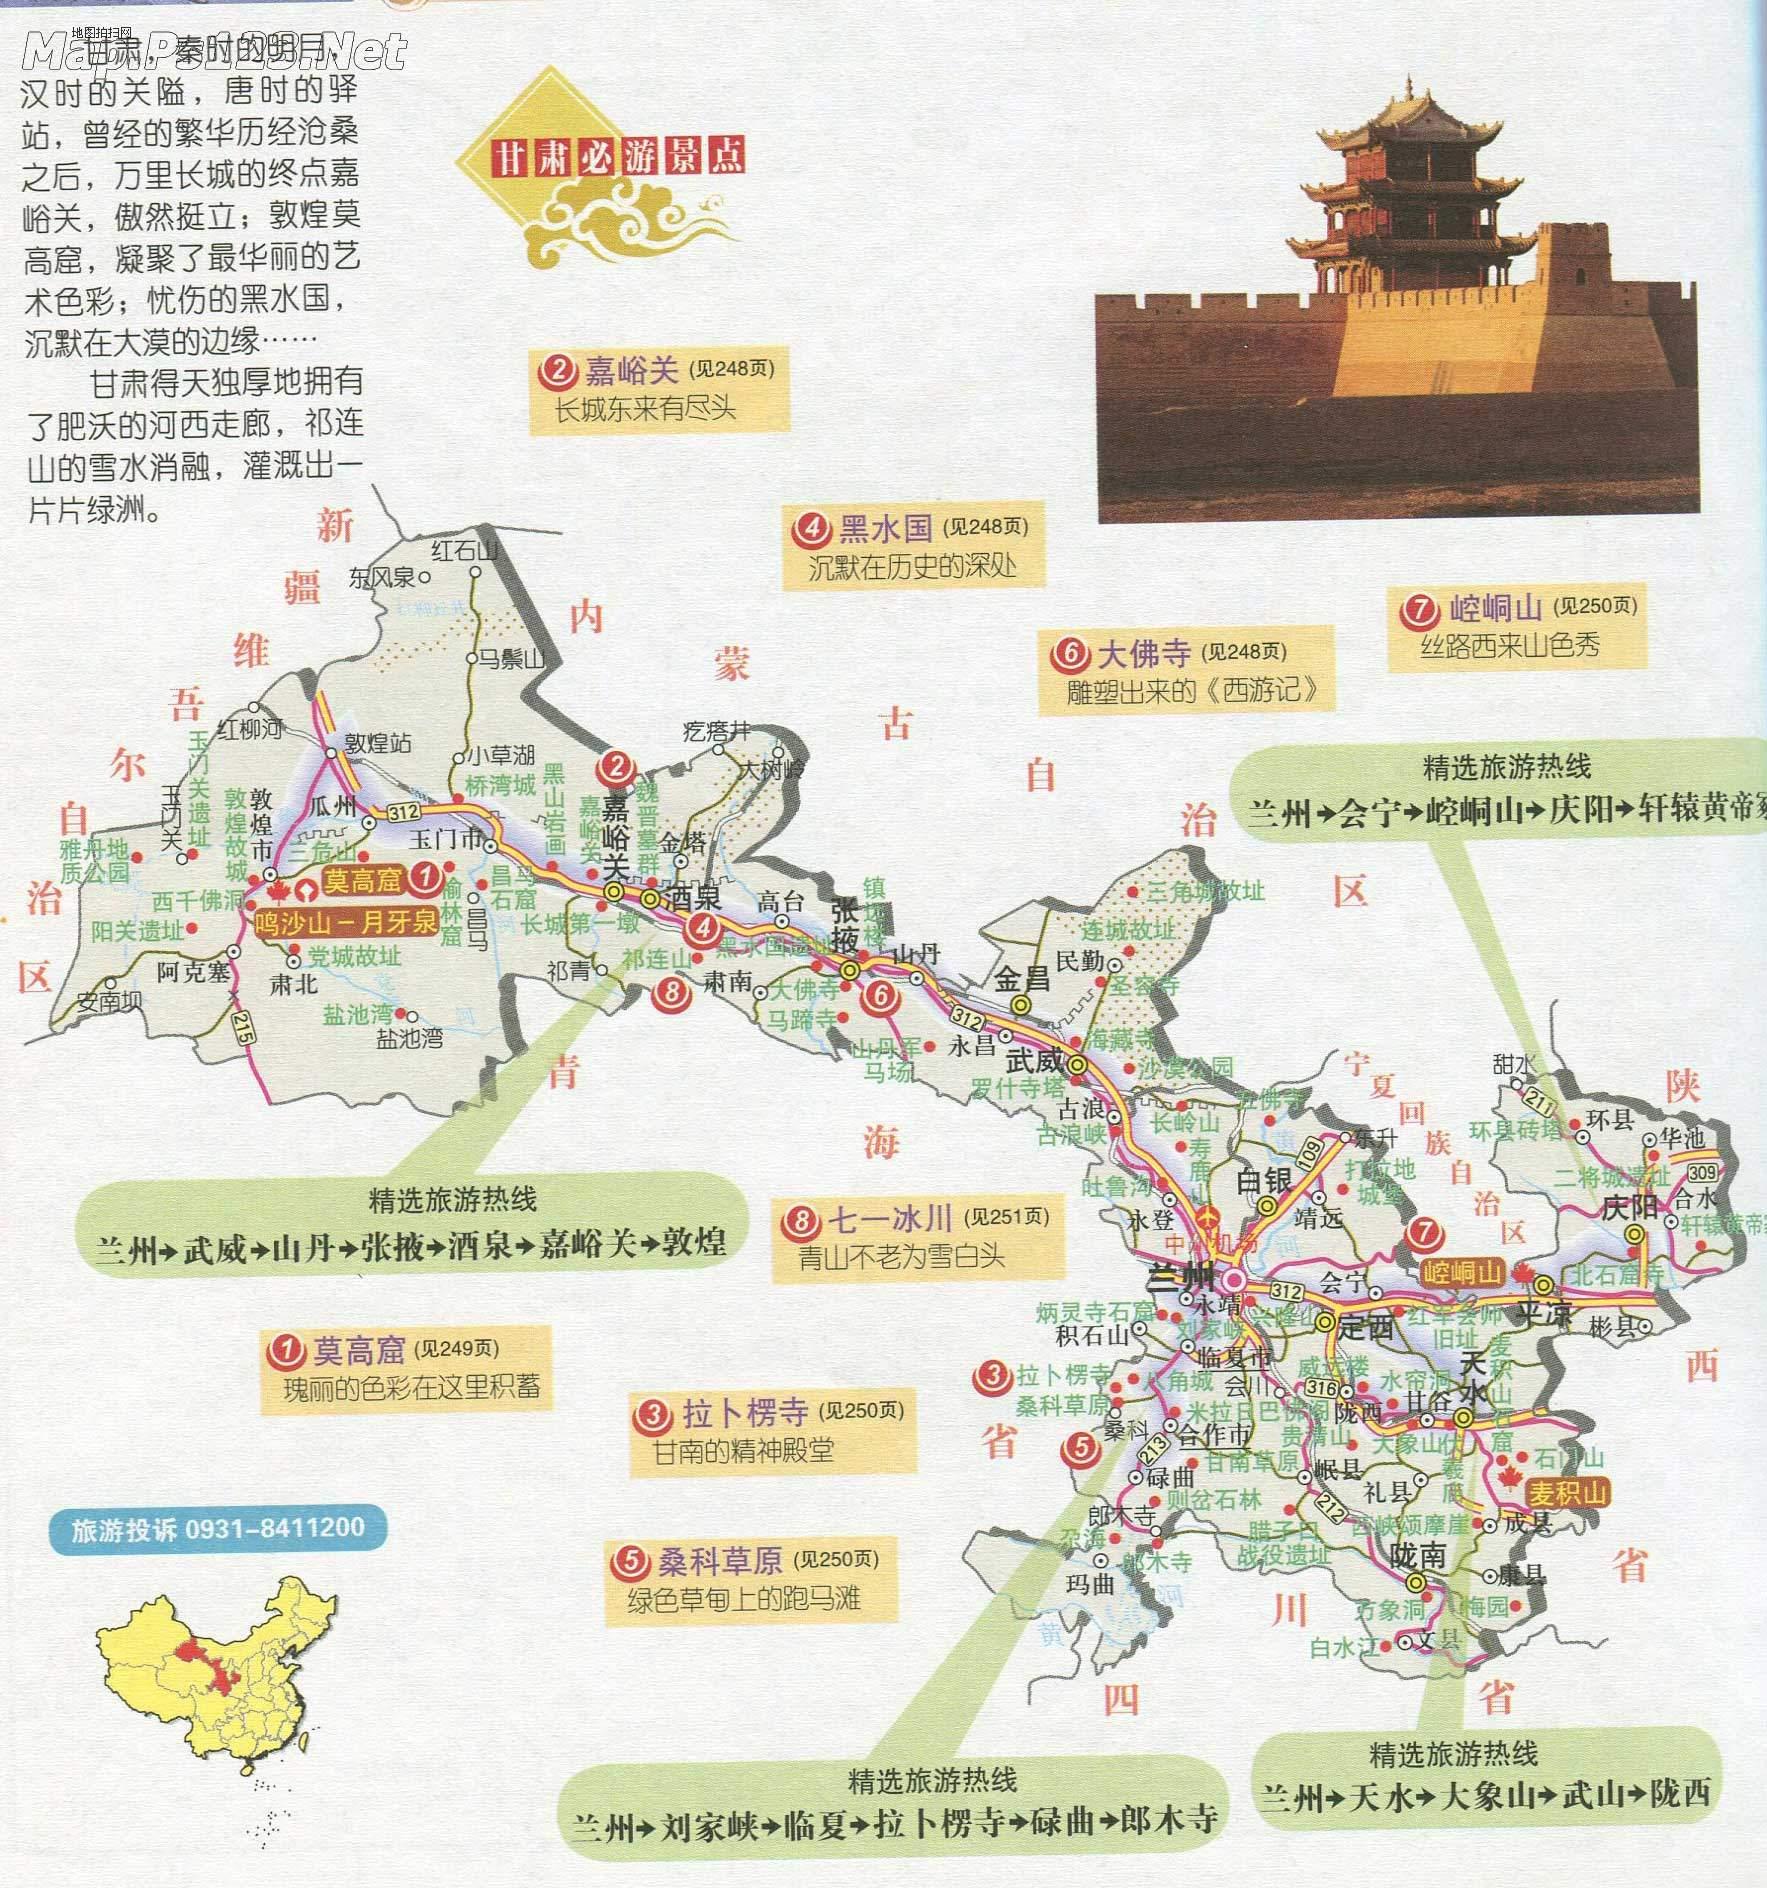 甘肃省旅游地图(必游景点)